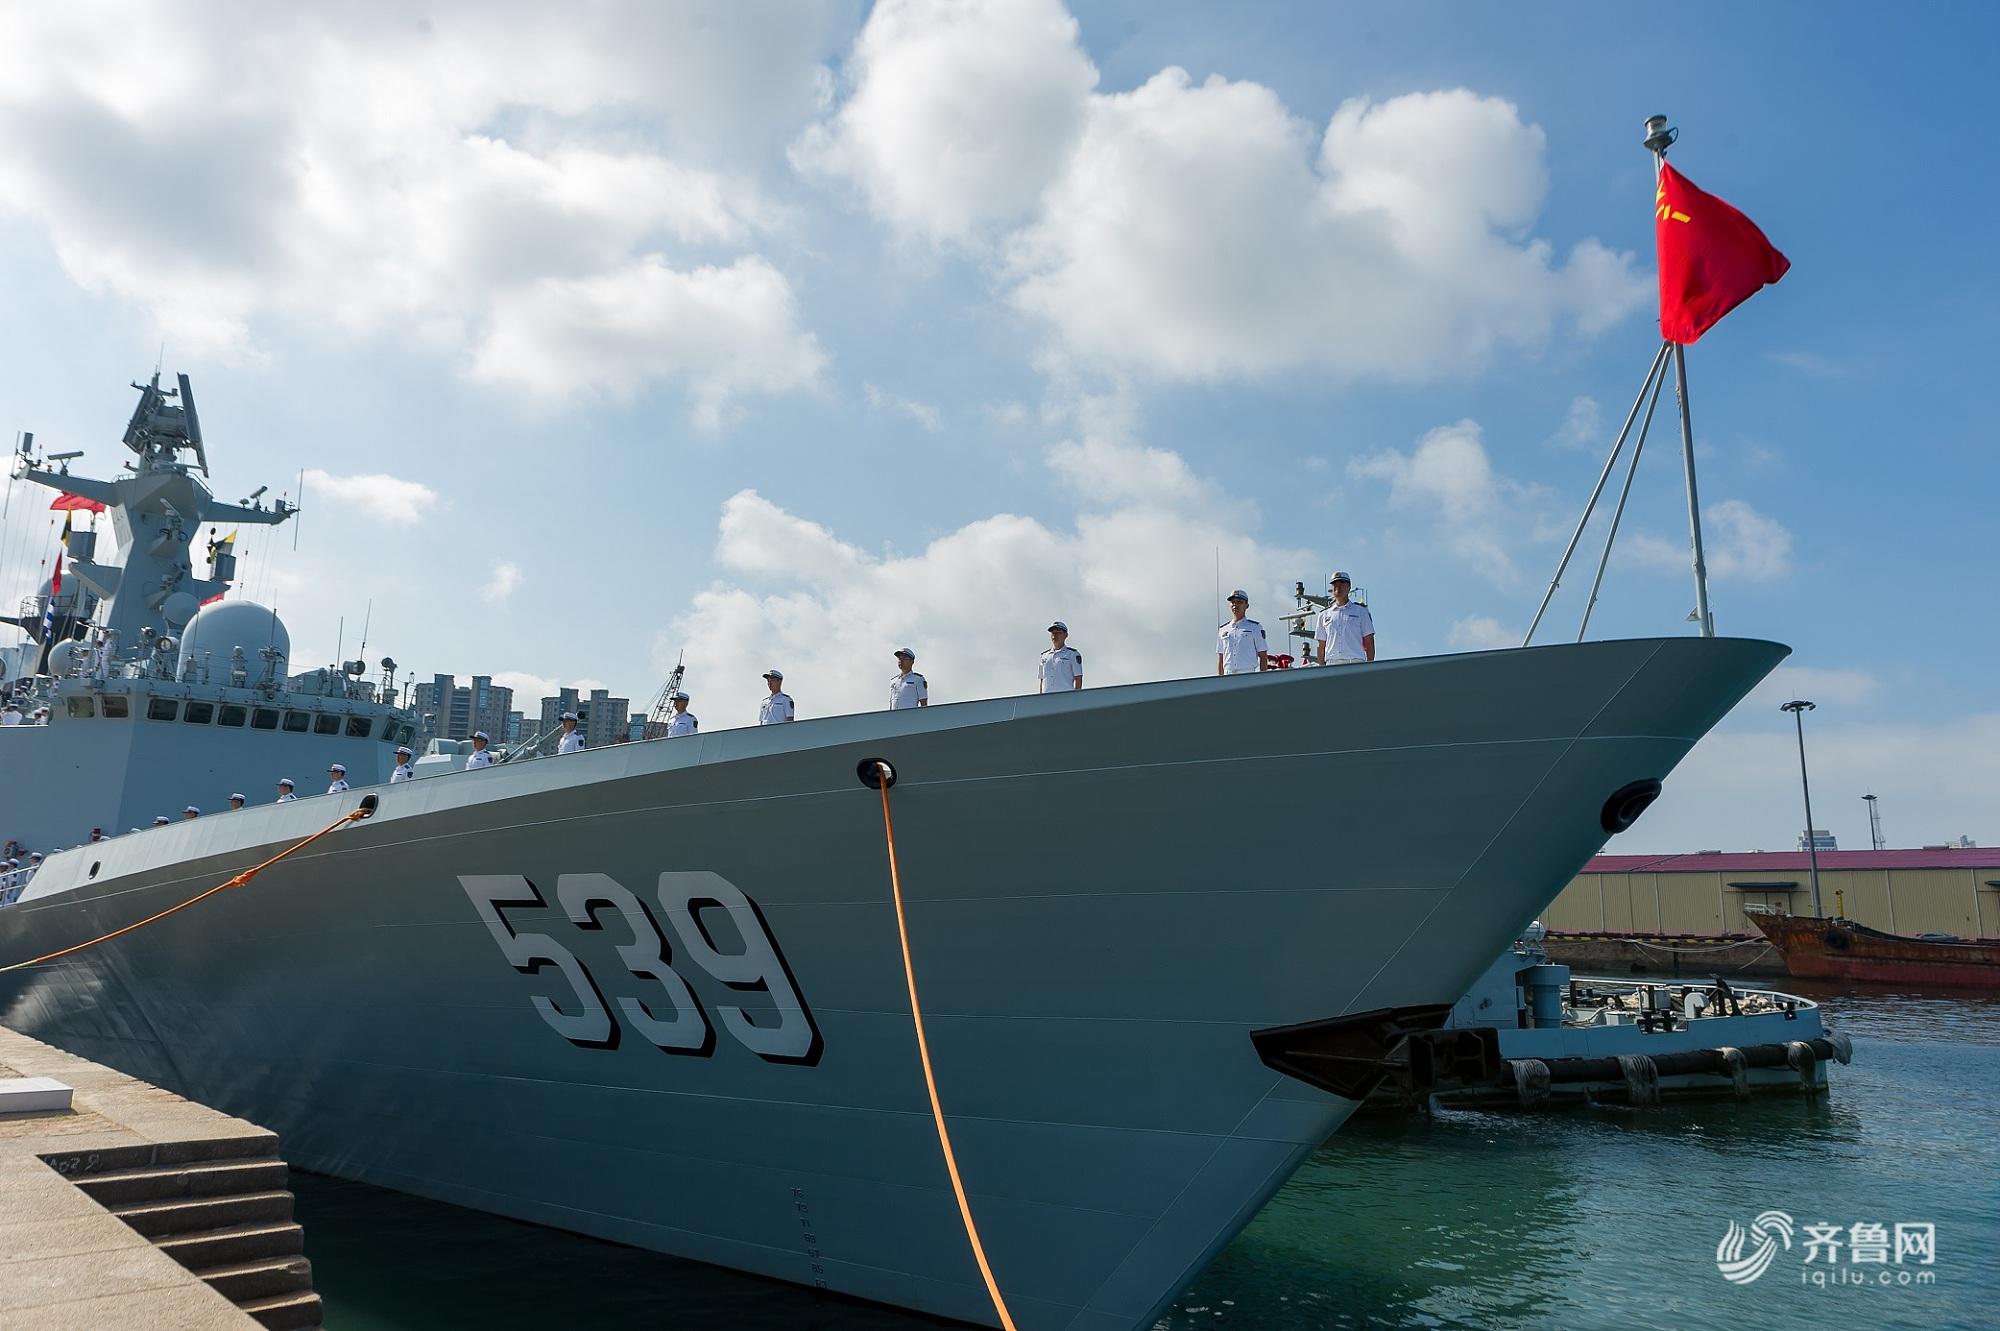 青岛第三十批护航编队起航 赴亚丁湾索马里执行护航任务